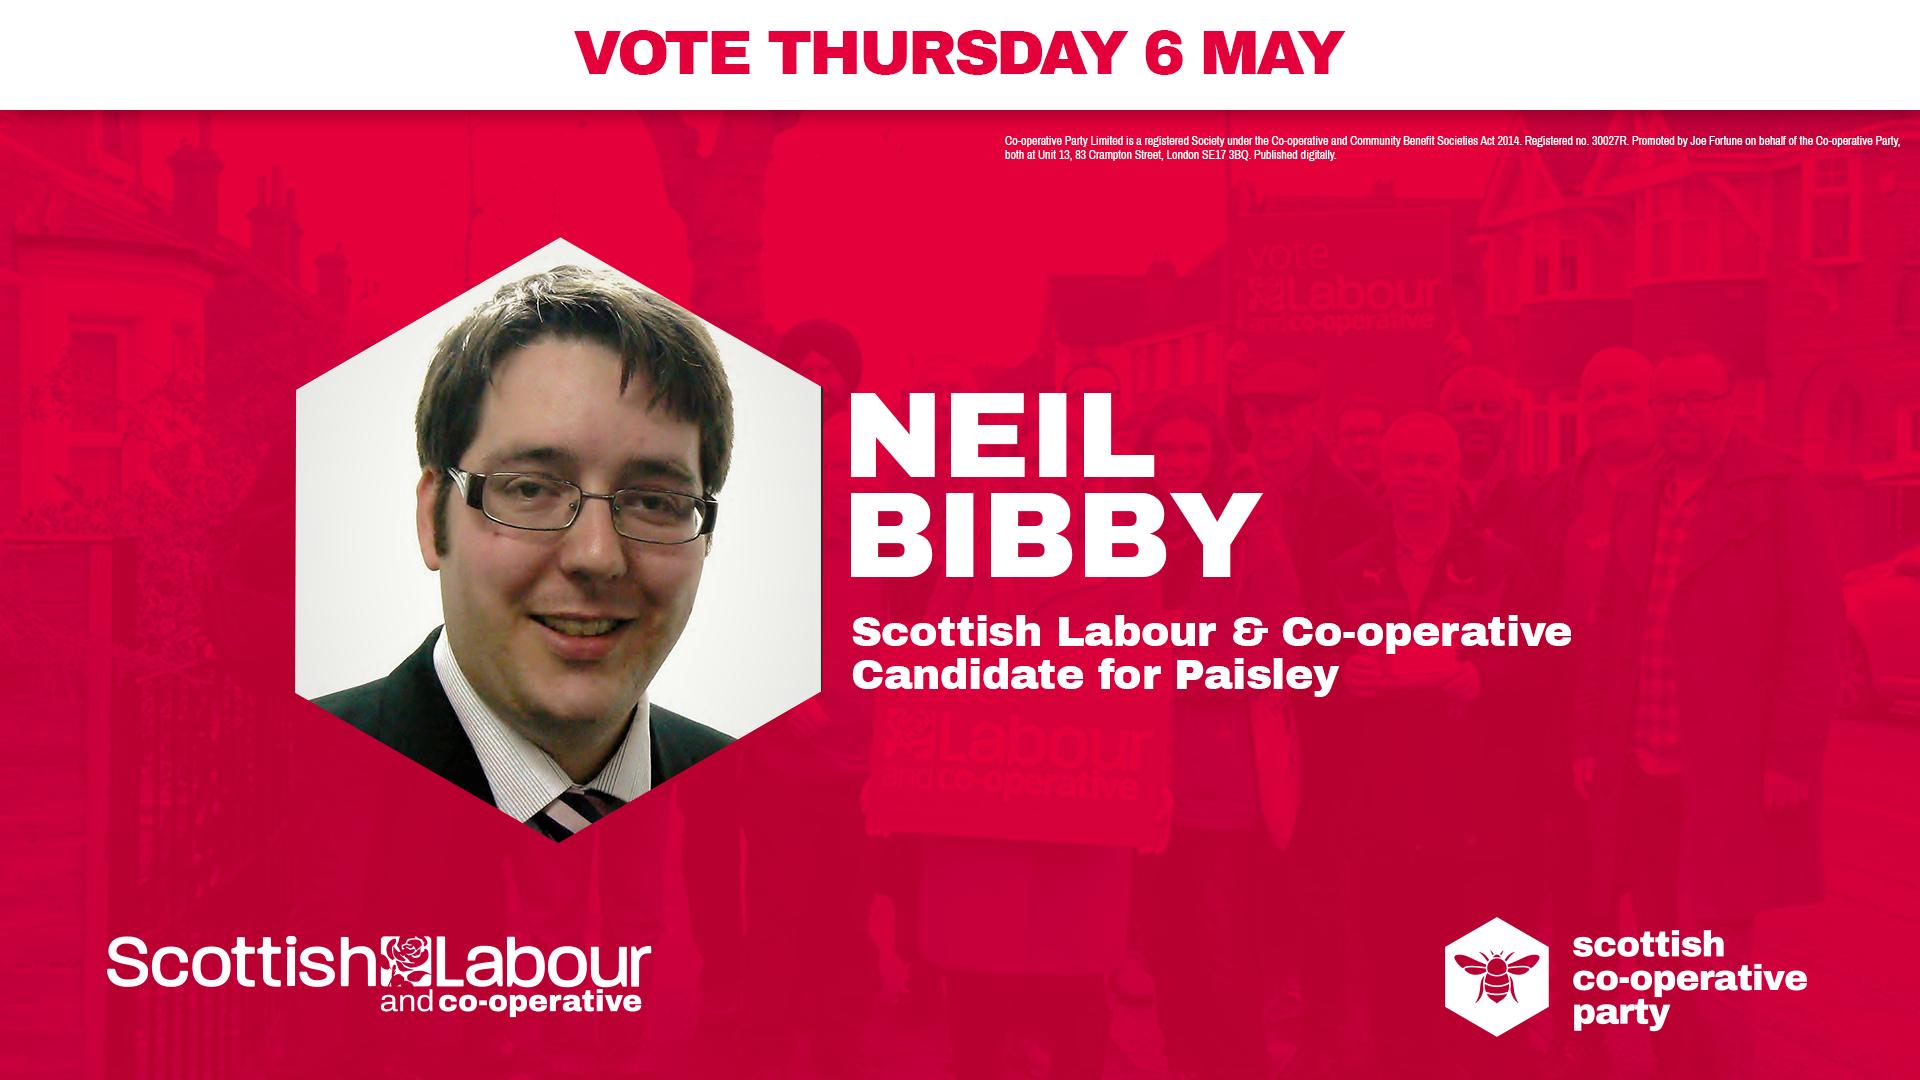 Neil Bibby